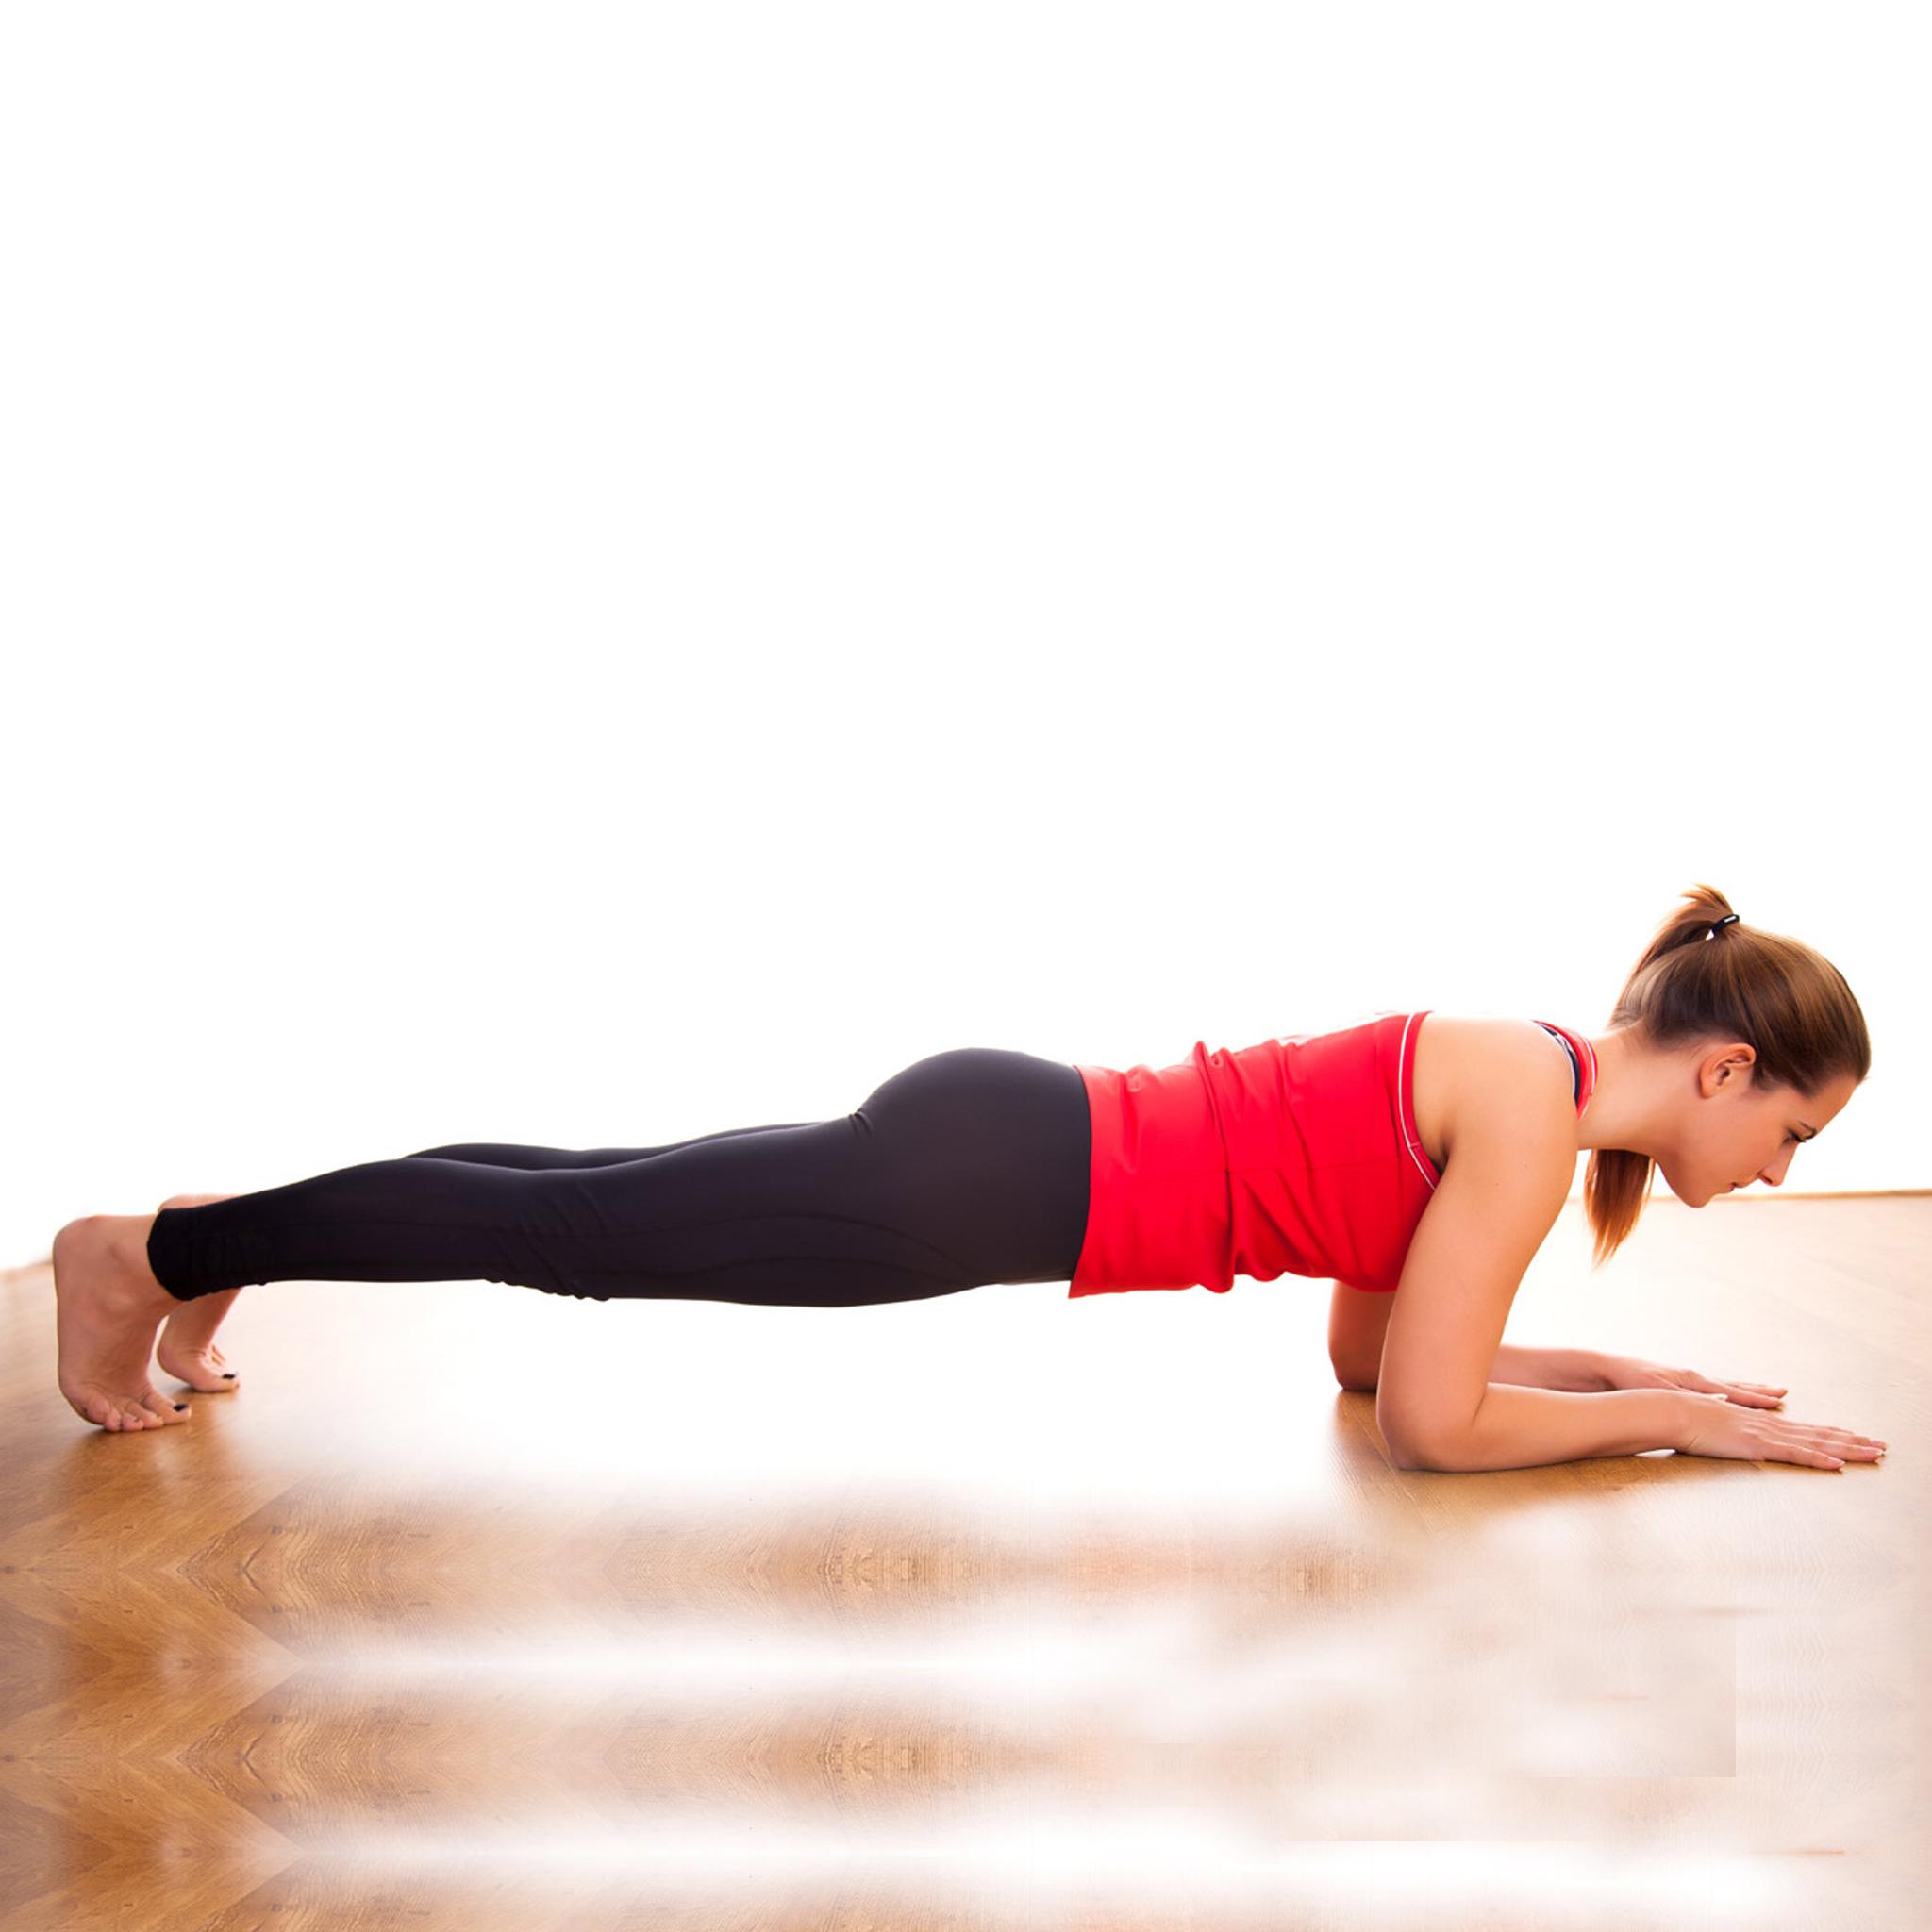 Упражнения для ног девушке в домашних условиях быстро